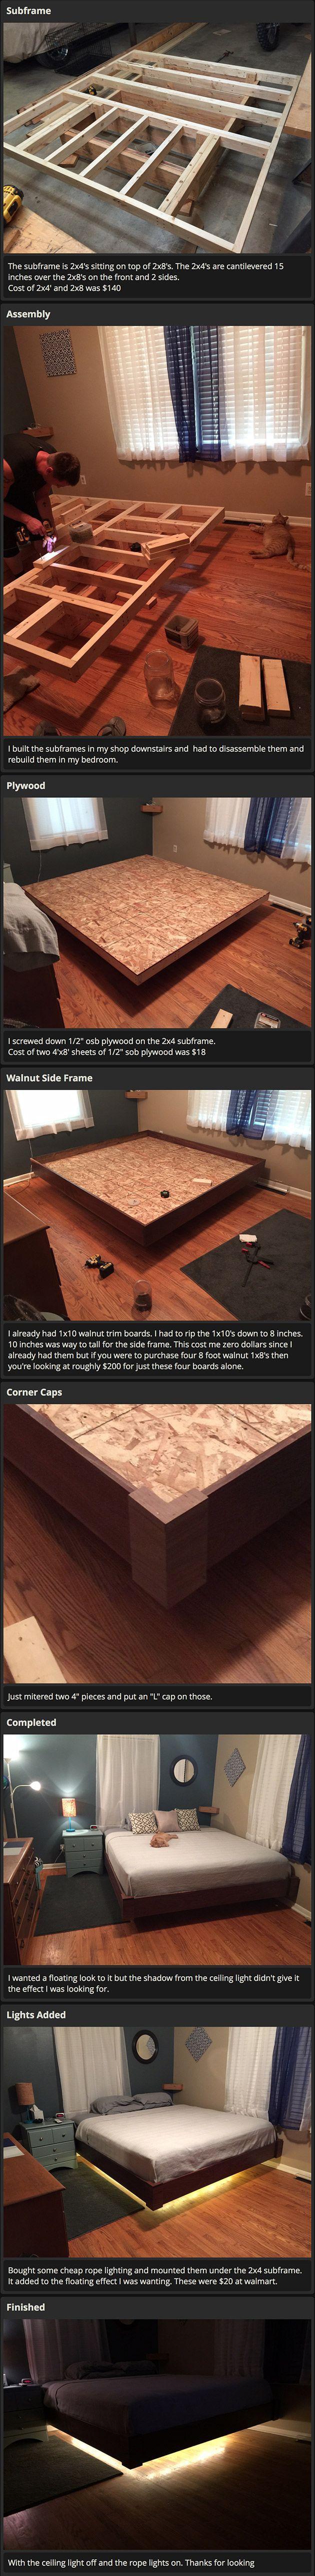 floating bed frame - Google Search | Misc | Pinterest | Architektur